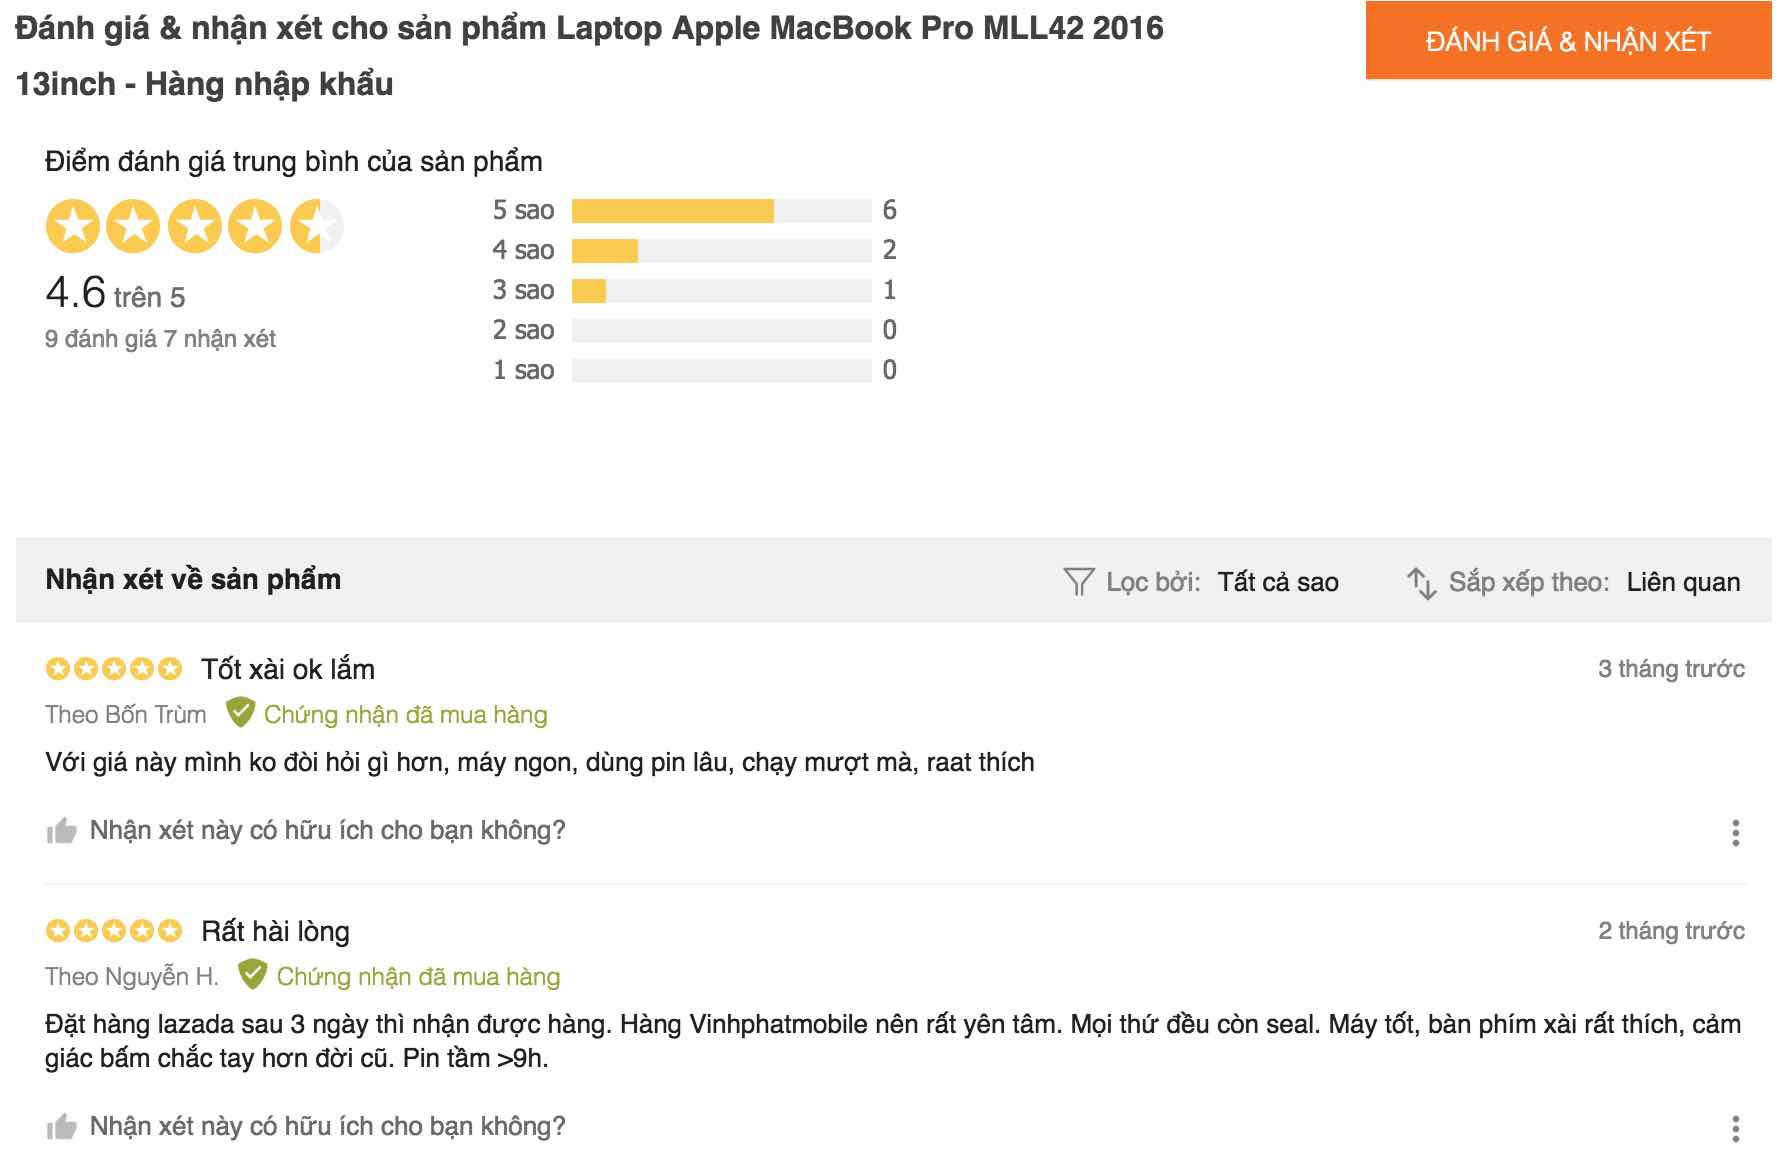 danh gia macbook